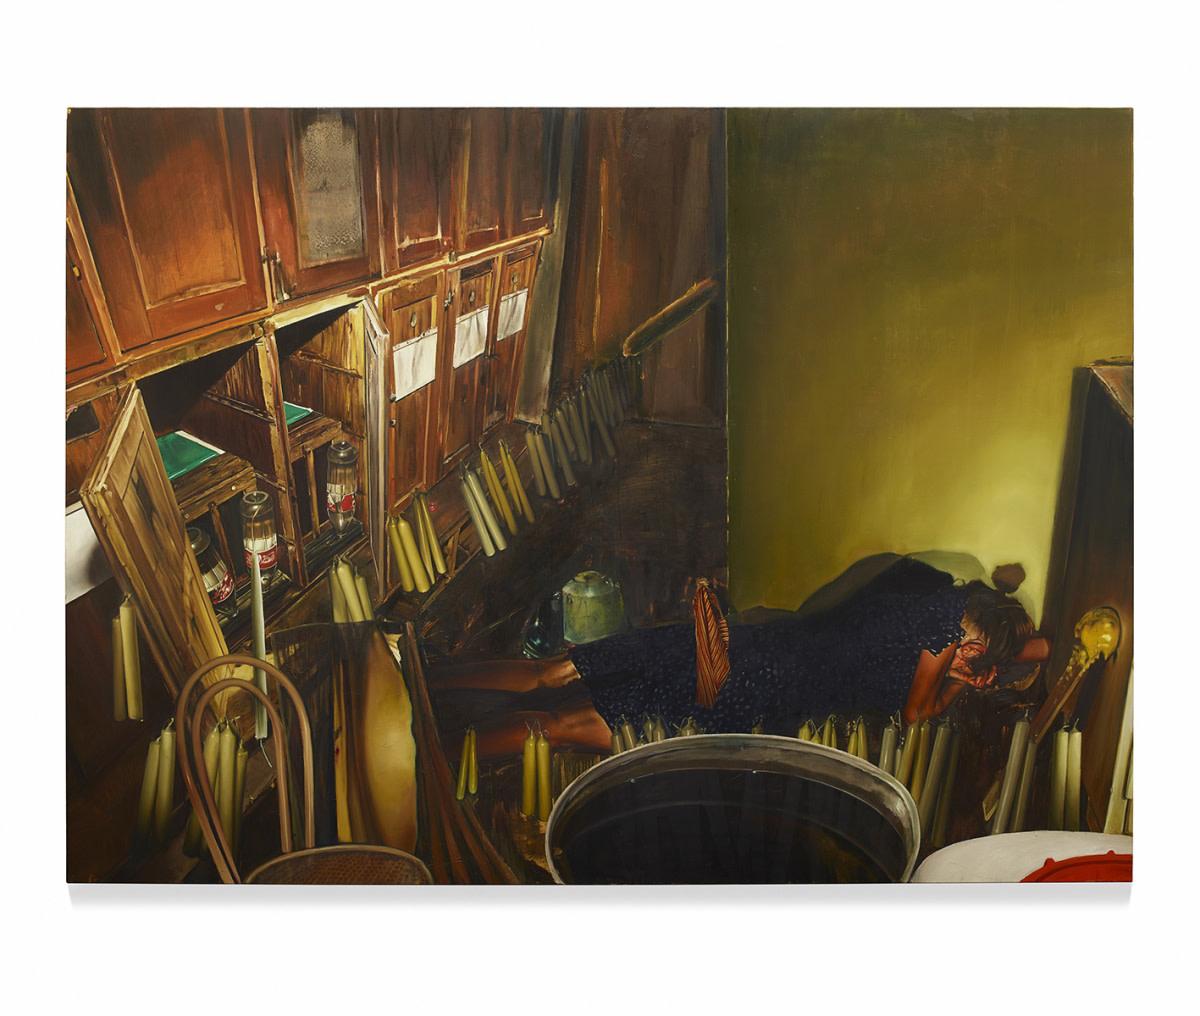 <span class=&#34;link fancybox-details-link&#34;><a href=&#34;/artists/57-lopold-rabus/works/6688/&#34;>View Detail Page</a></span><div class=&#34;artist&#34;><strong>Leopold RABUS</strong></div> <div class=&#34;title&#34;><em>Du dur au mou</em>, 2014</div> <div class=&#34;medium&#34;>Oil on canvas</div> <div class=&#34;dimensions&#34;>220 x 300 cm<br /> 86 5/8 x 118 1/8 in</div><div class=&#34;copyright_line&#34;>Copyright The Artist</div>